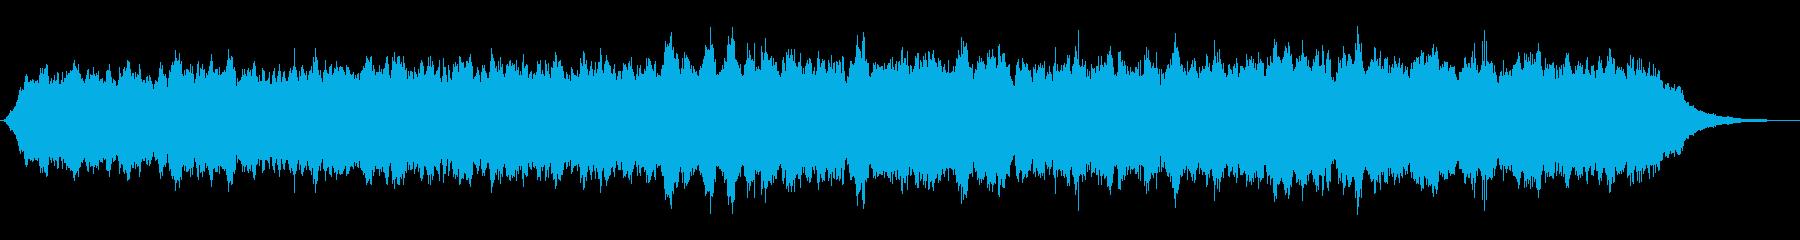 キラキラなシンセパッドの神秘的なジングルの再生済みの波形